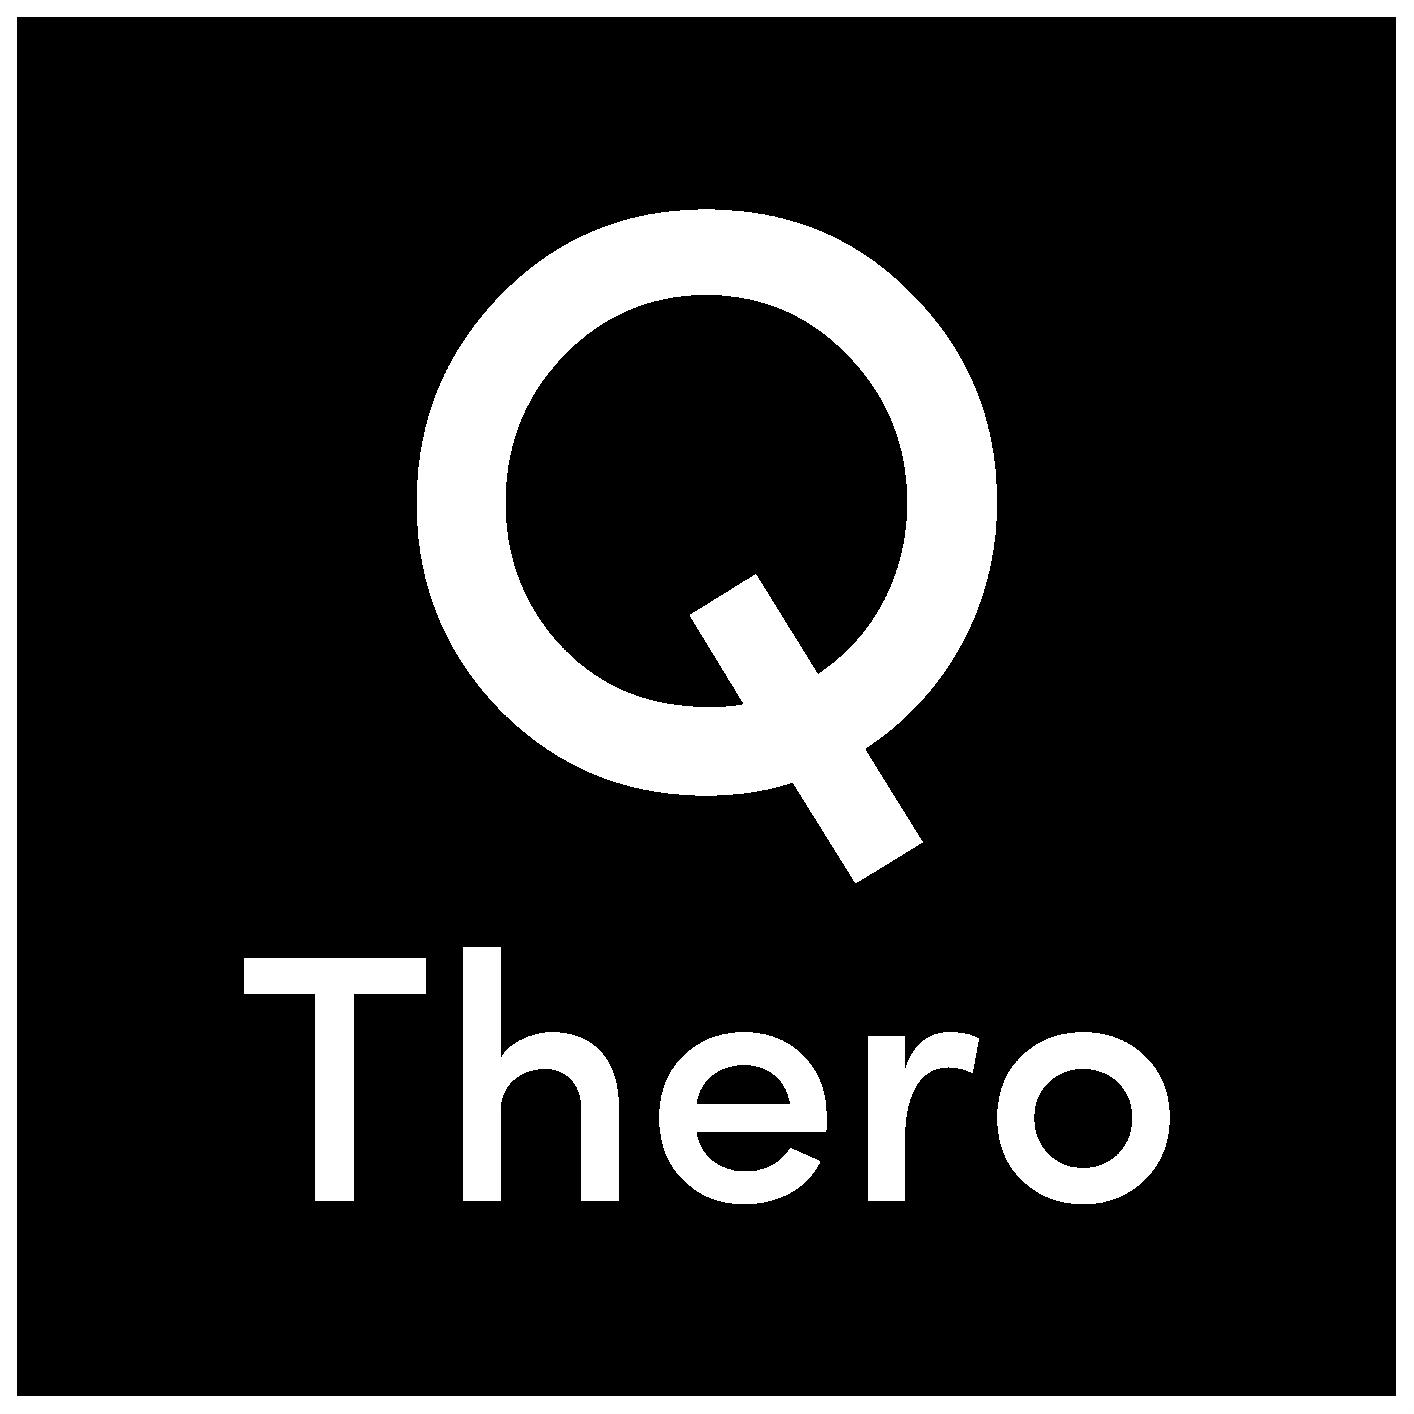 Quthero